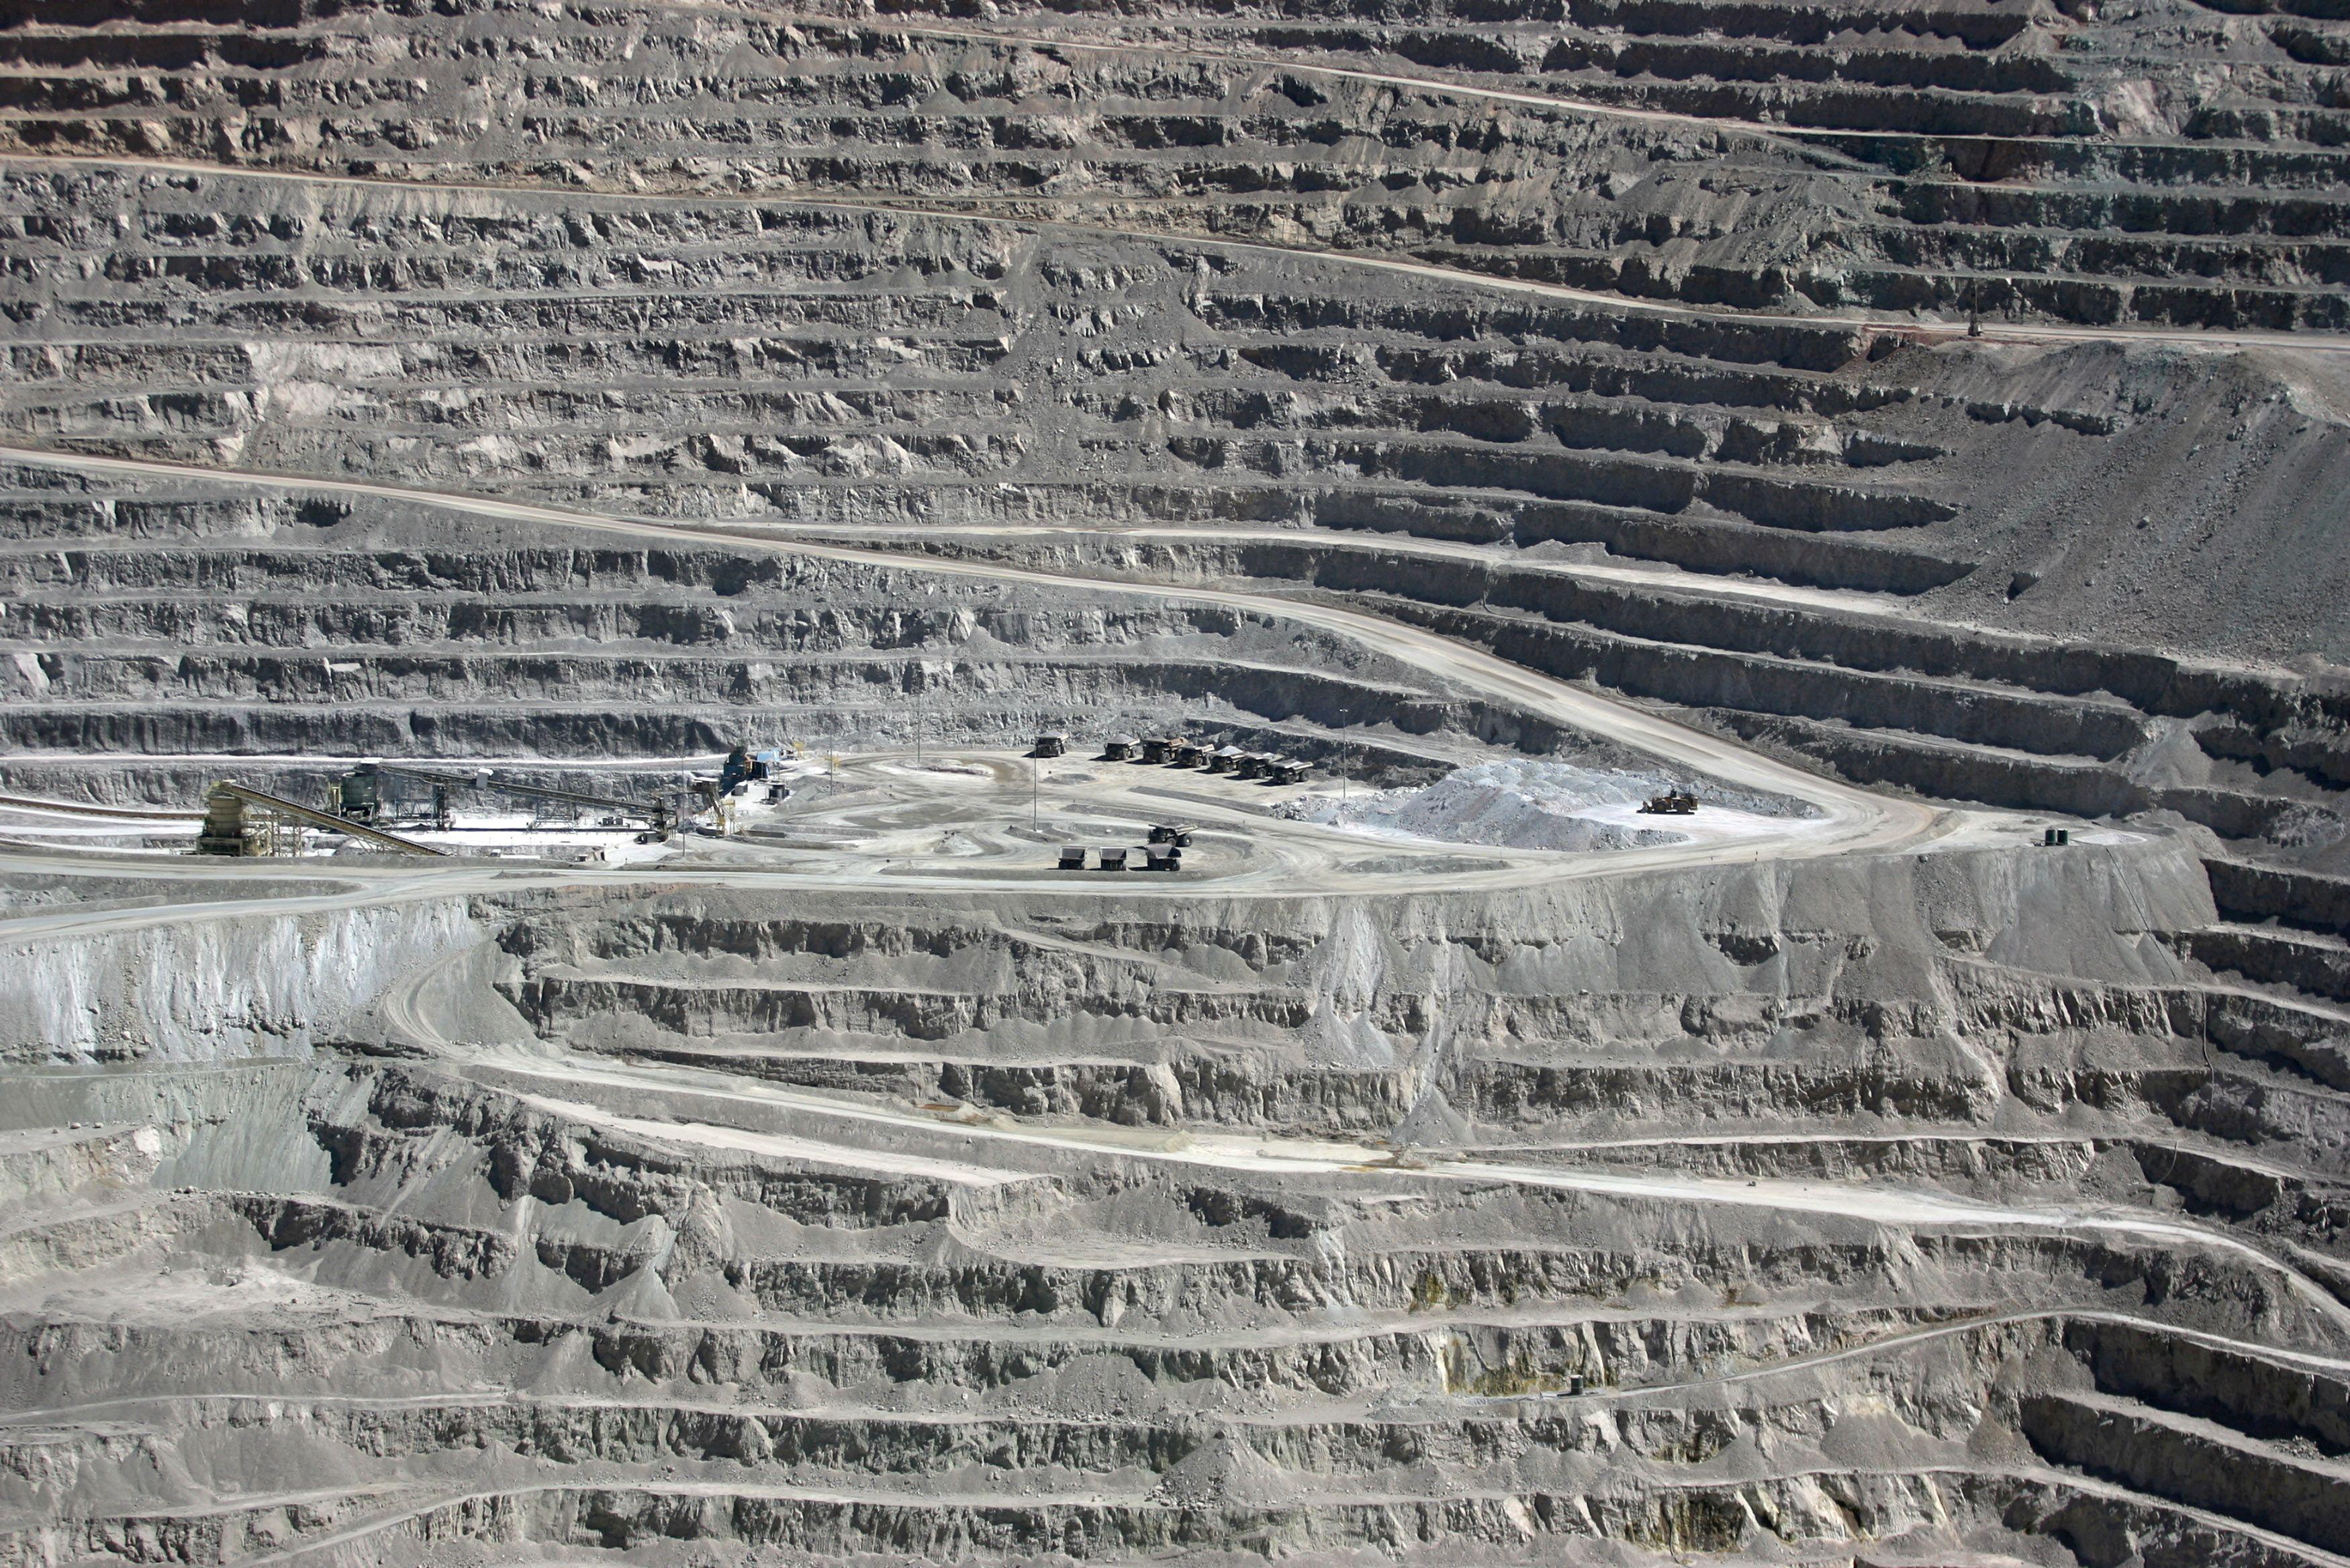 A view of the BHP Billiton's Escondida, the world's biggest copper mine, in northern Chile, in Antofagasta, Chile March 31, 2008. REUTERS/Ivan Alvarado//File Photo